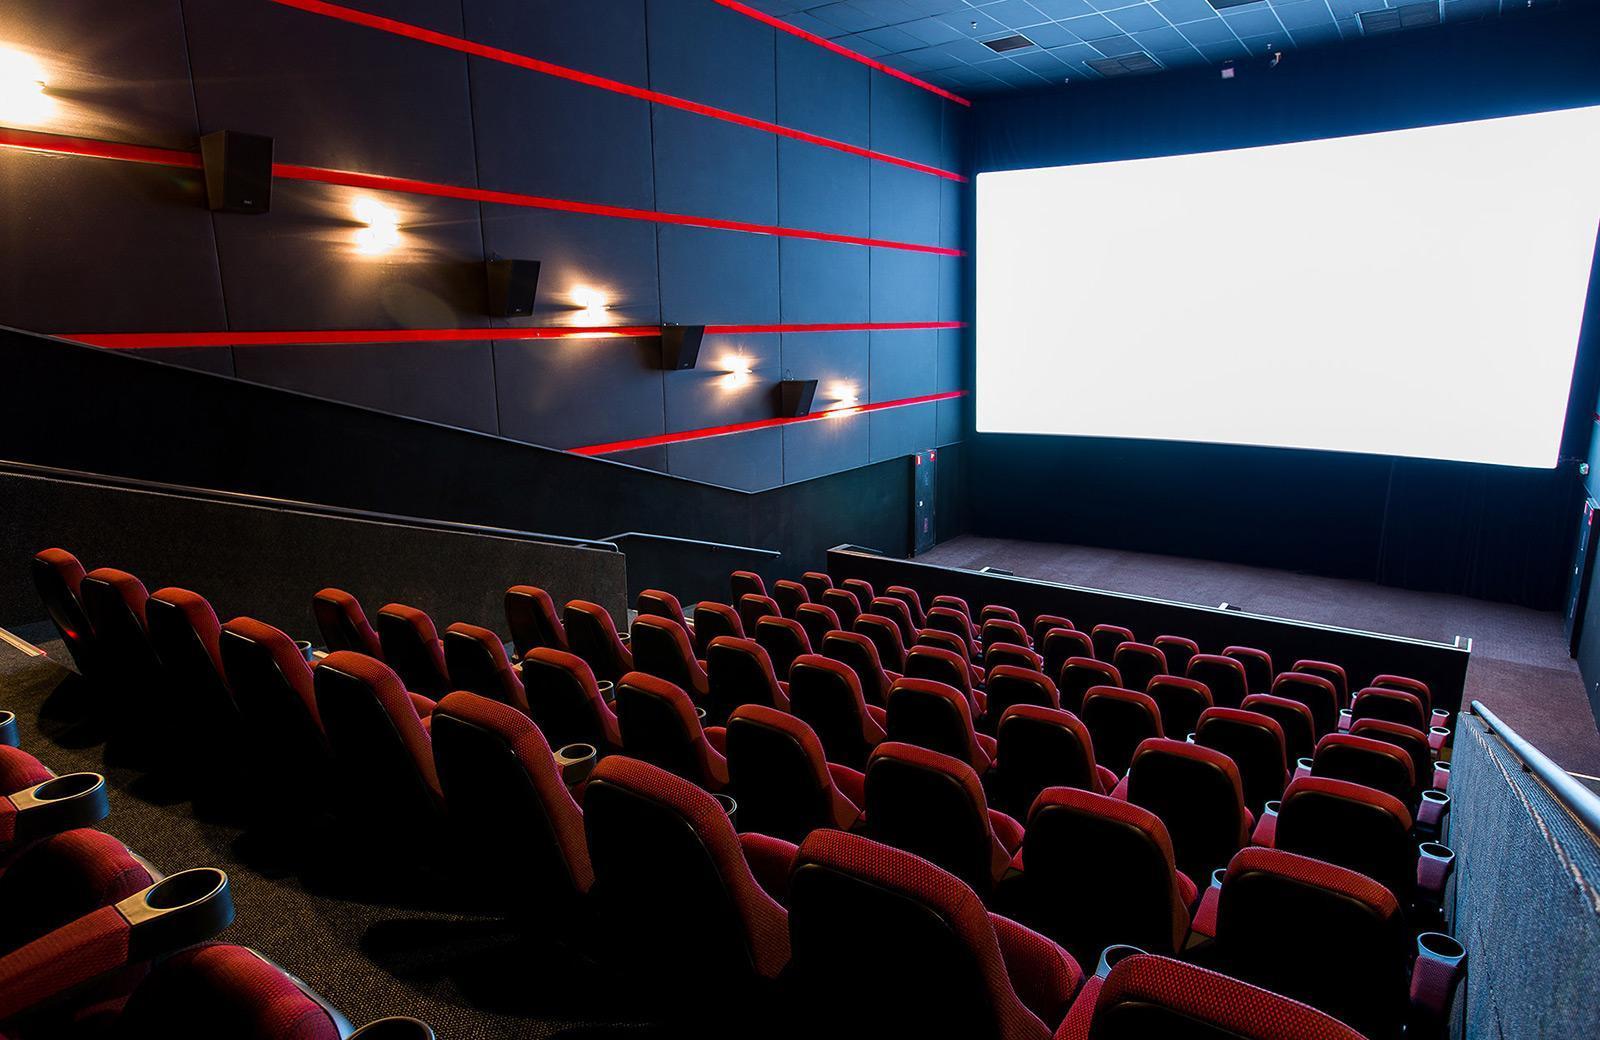 В кинотеатре «Искра» на севере столицы 25 января снизят цены для учащихся столичных вузов